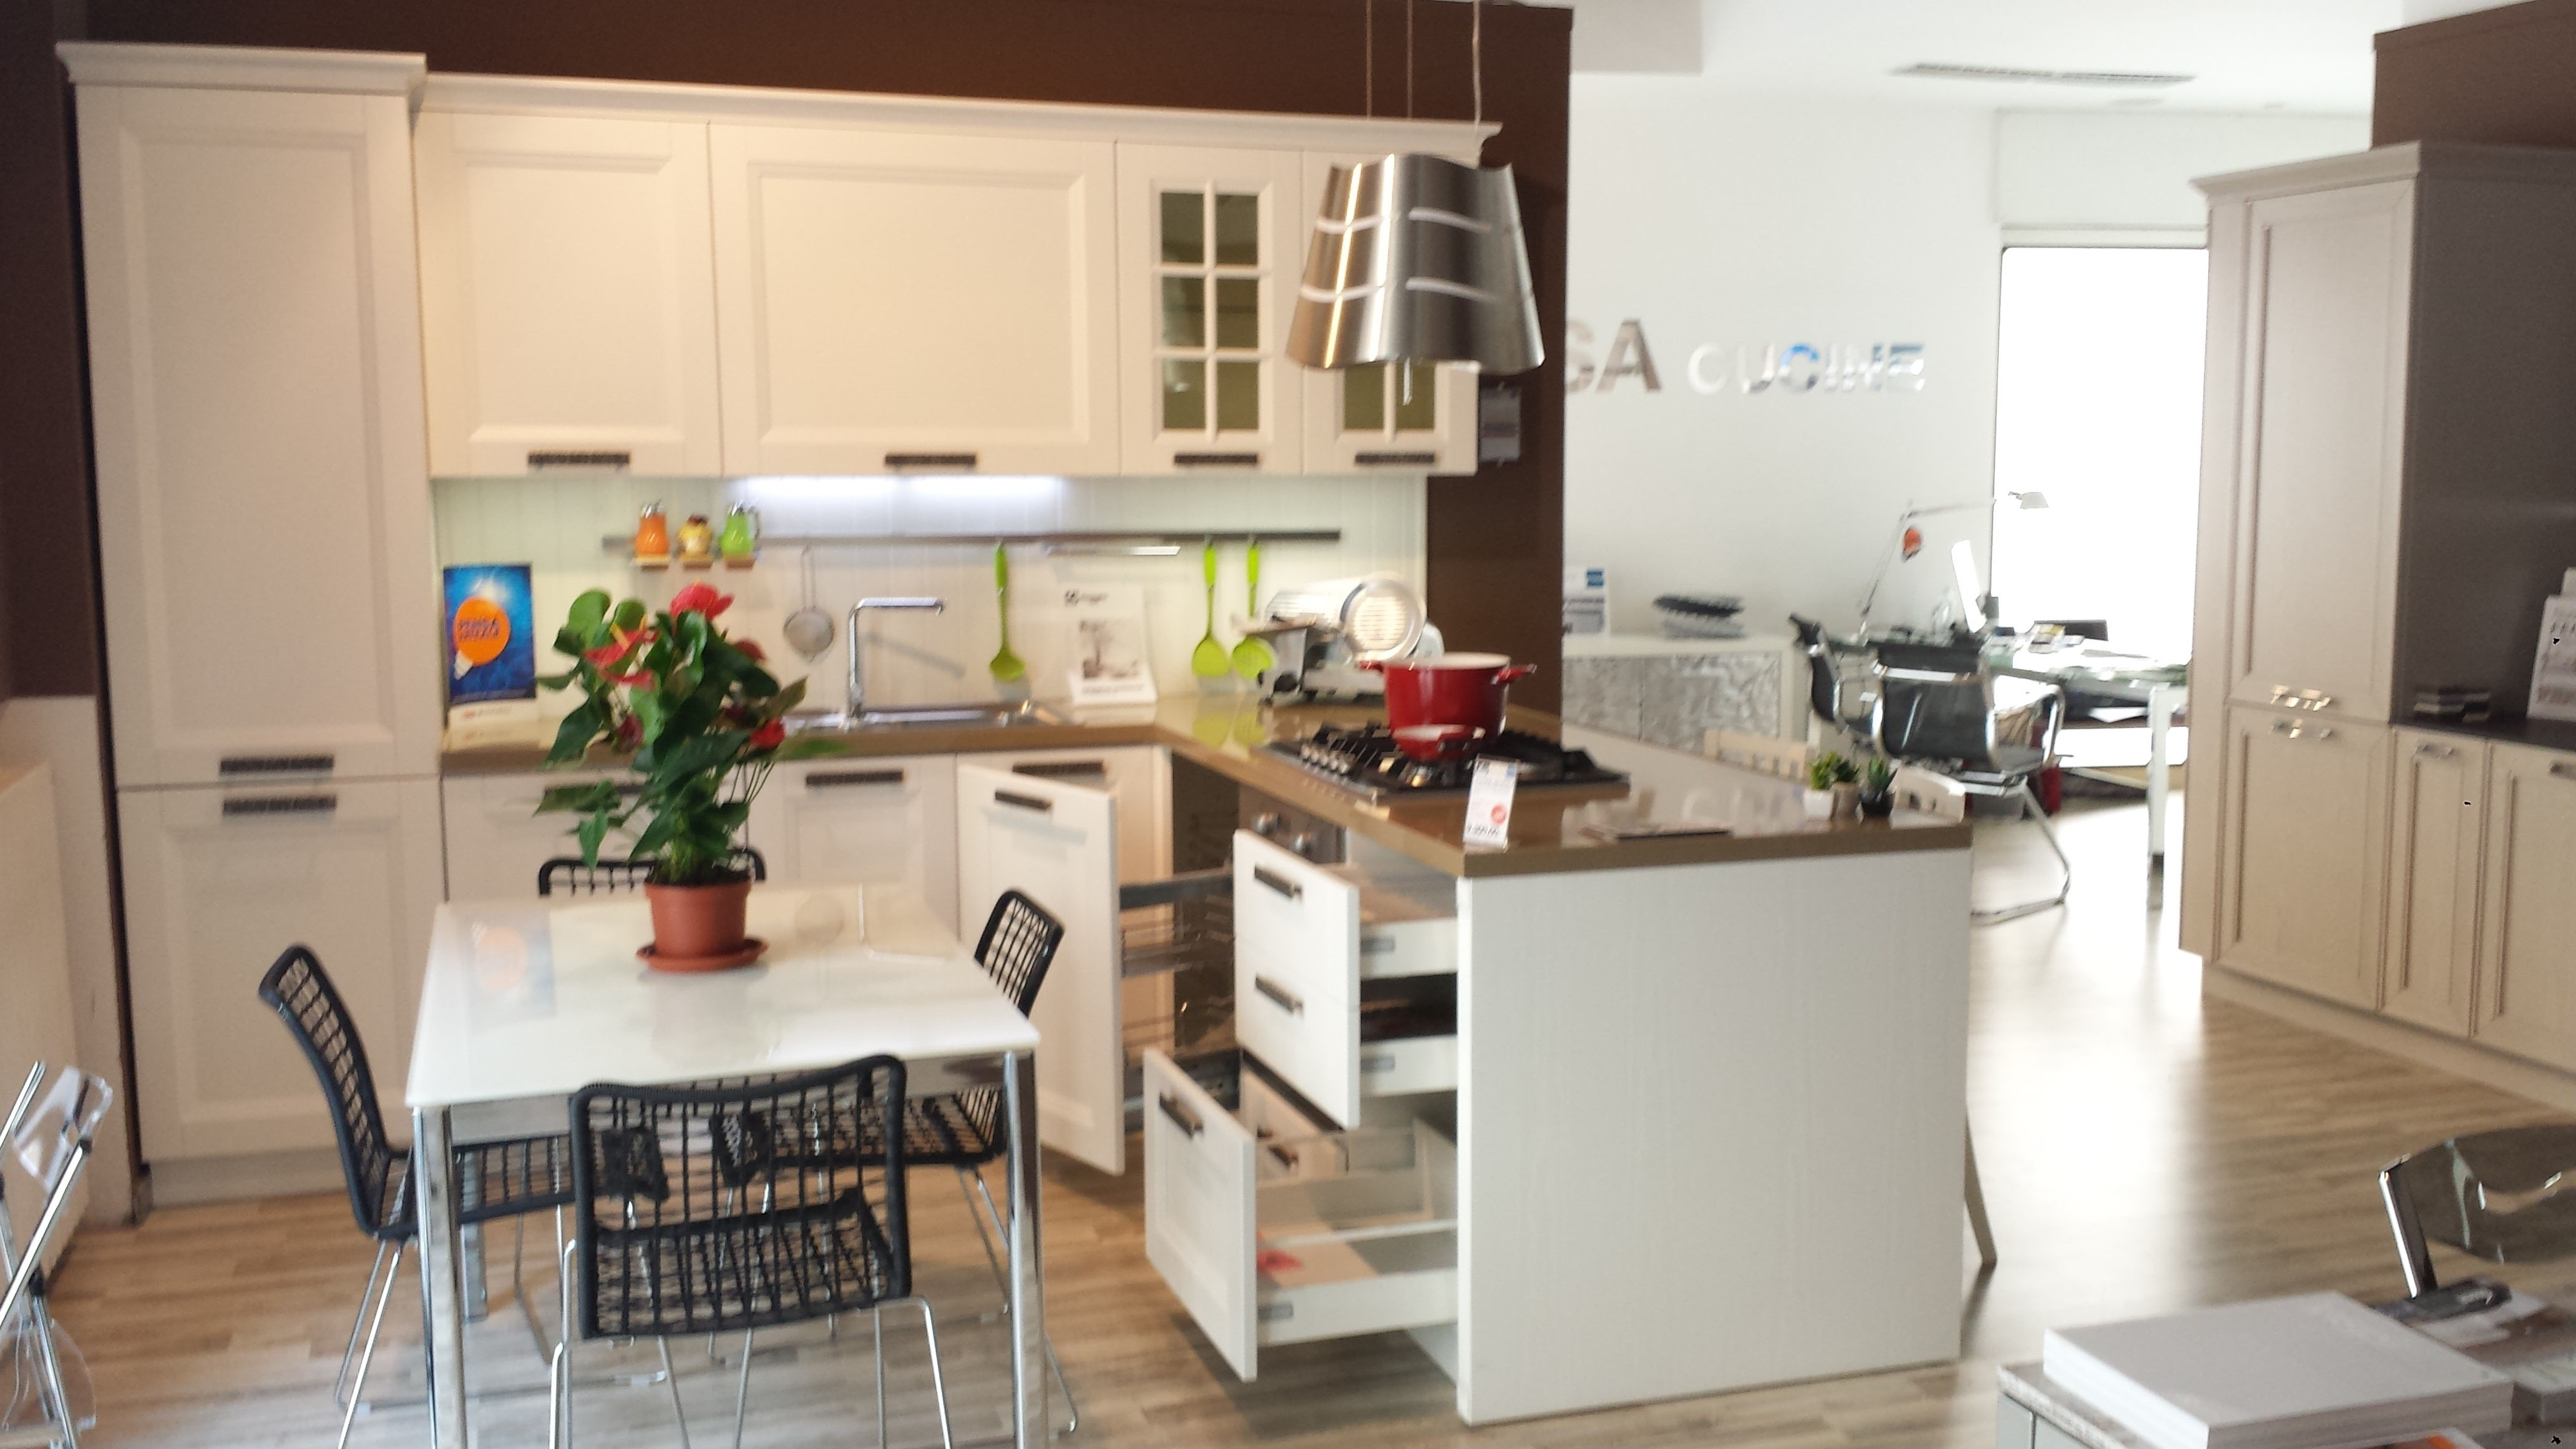 Stosa cucine cucina beverly classica legno bianca cucine - Cucina bianca e legno ...